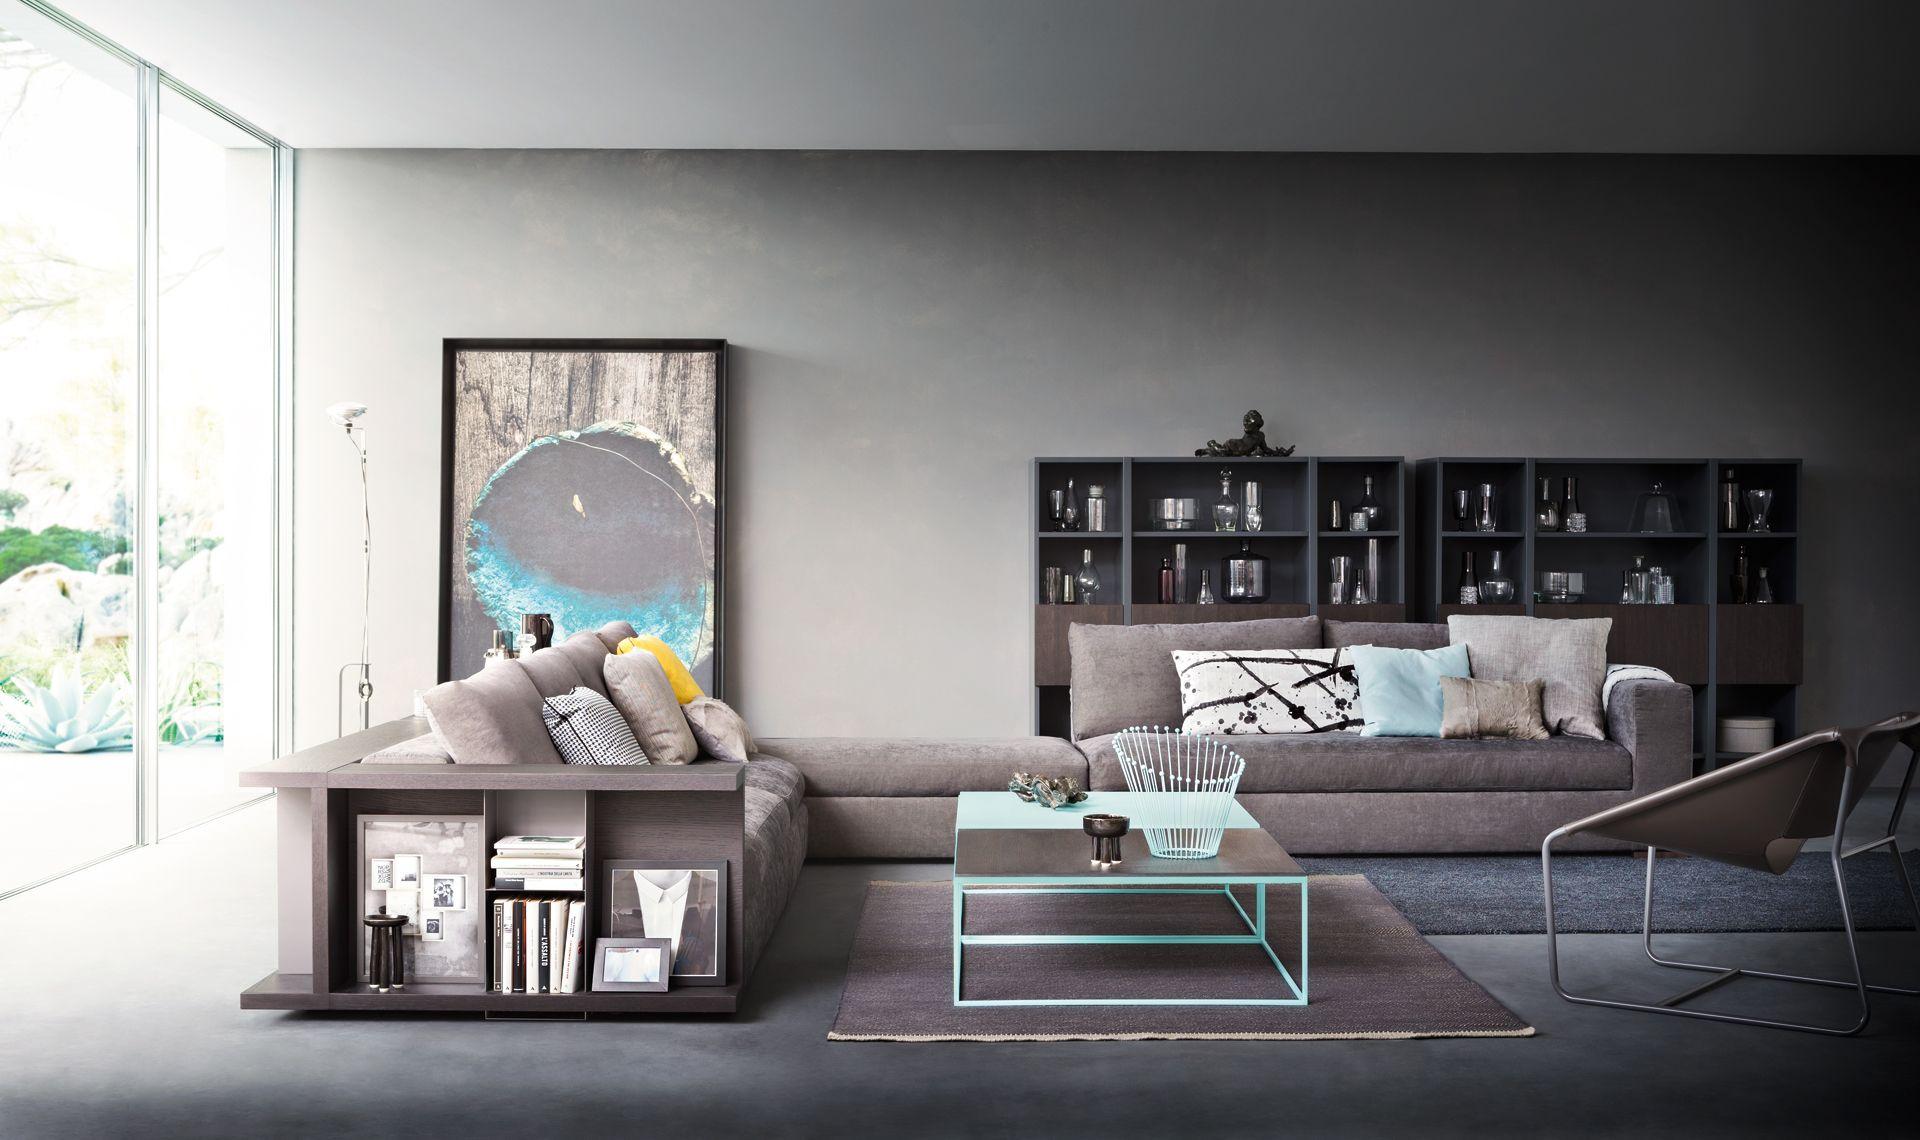 Mobili Alf Da Frè: arredamento soggiorno e arredamento ...